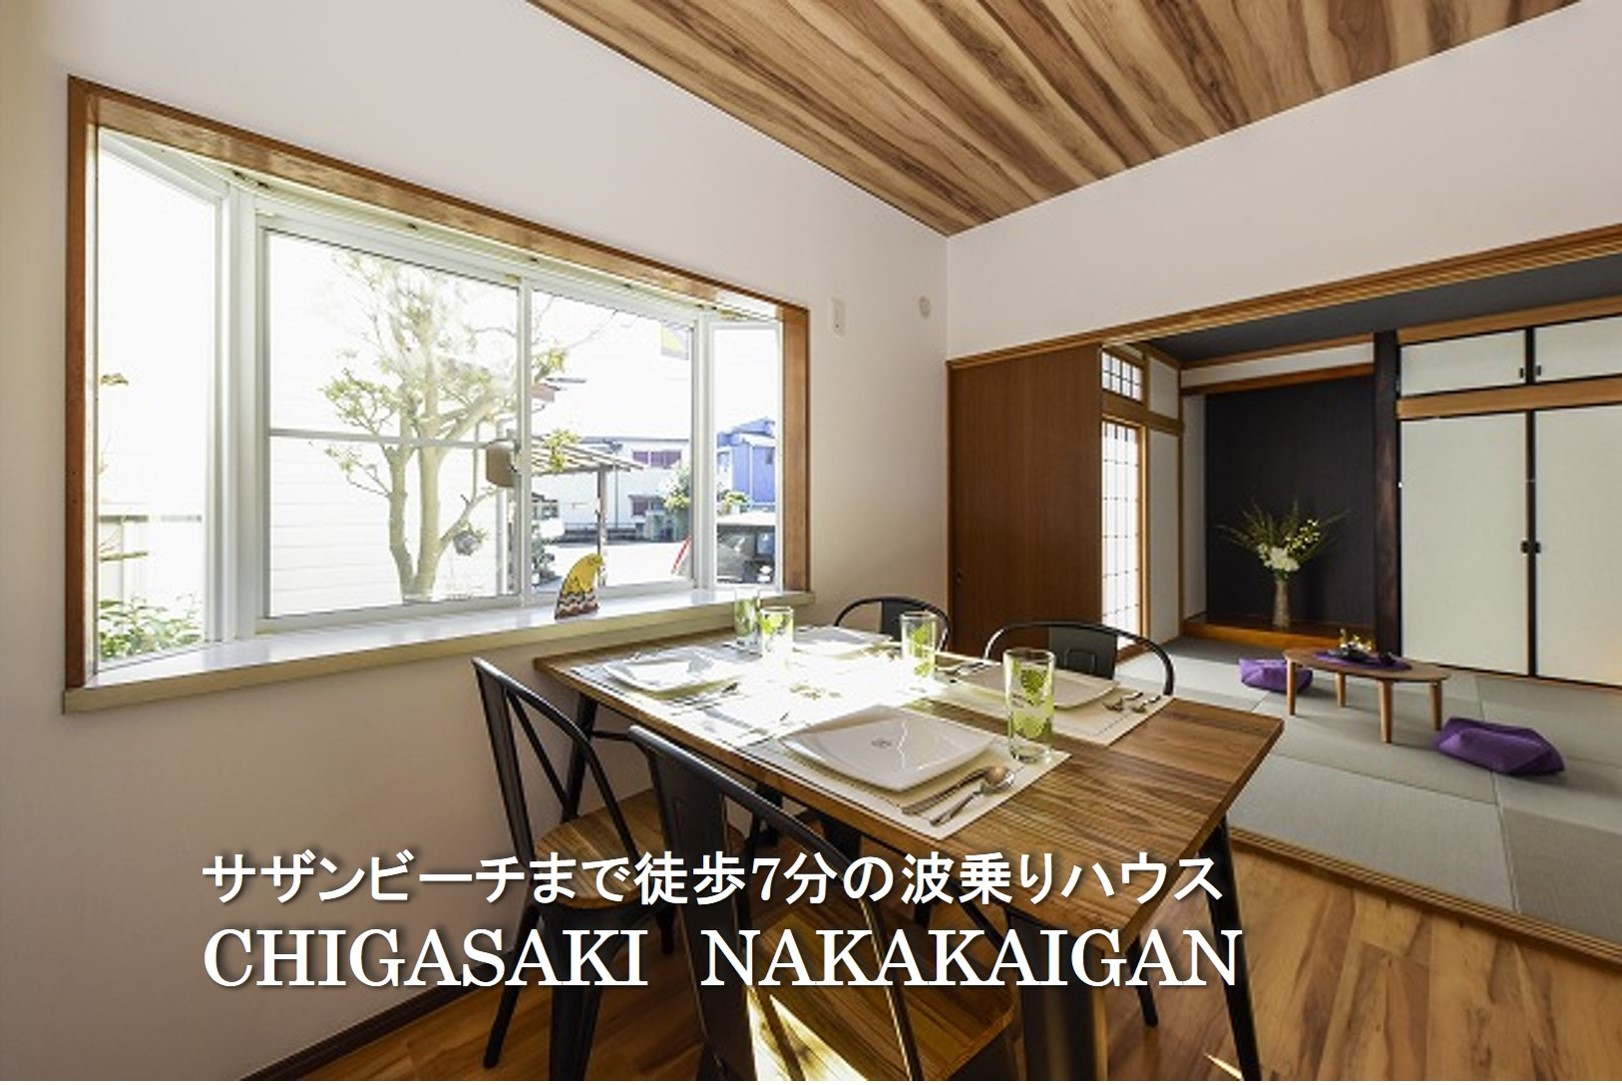 サザンビーチまで徒歩7分の波乗りハウス 茅ヶ崎|CHIGASAKI NAKAKAIGAN